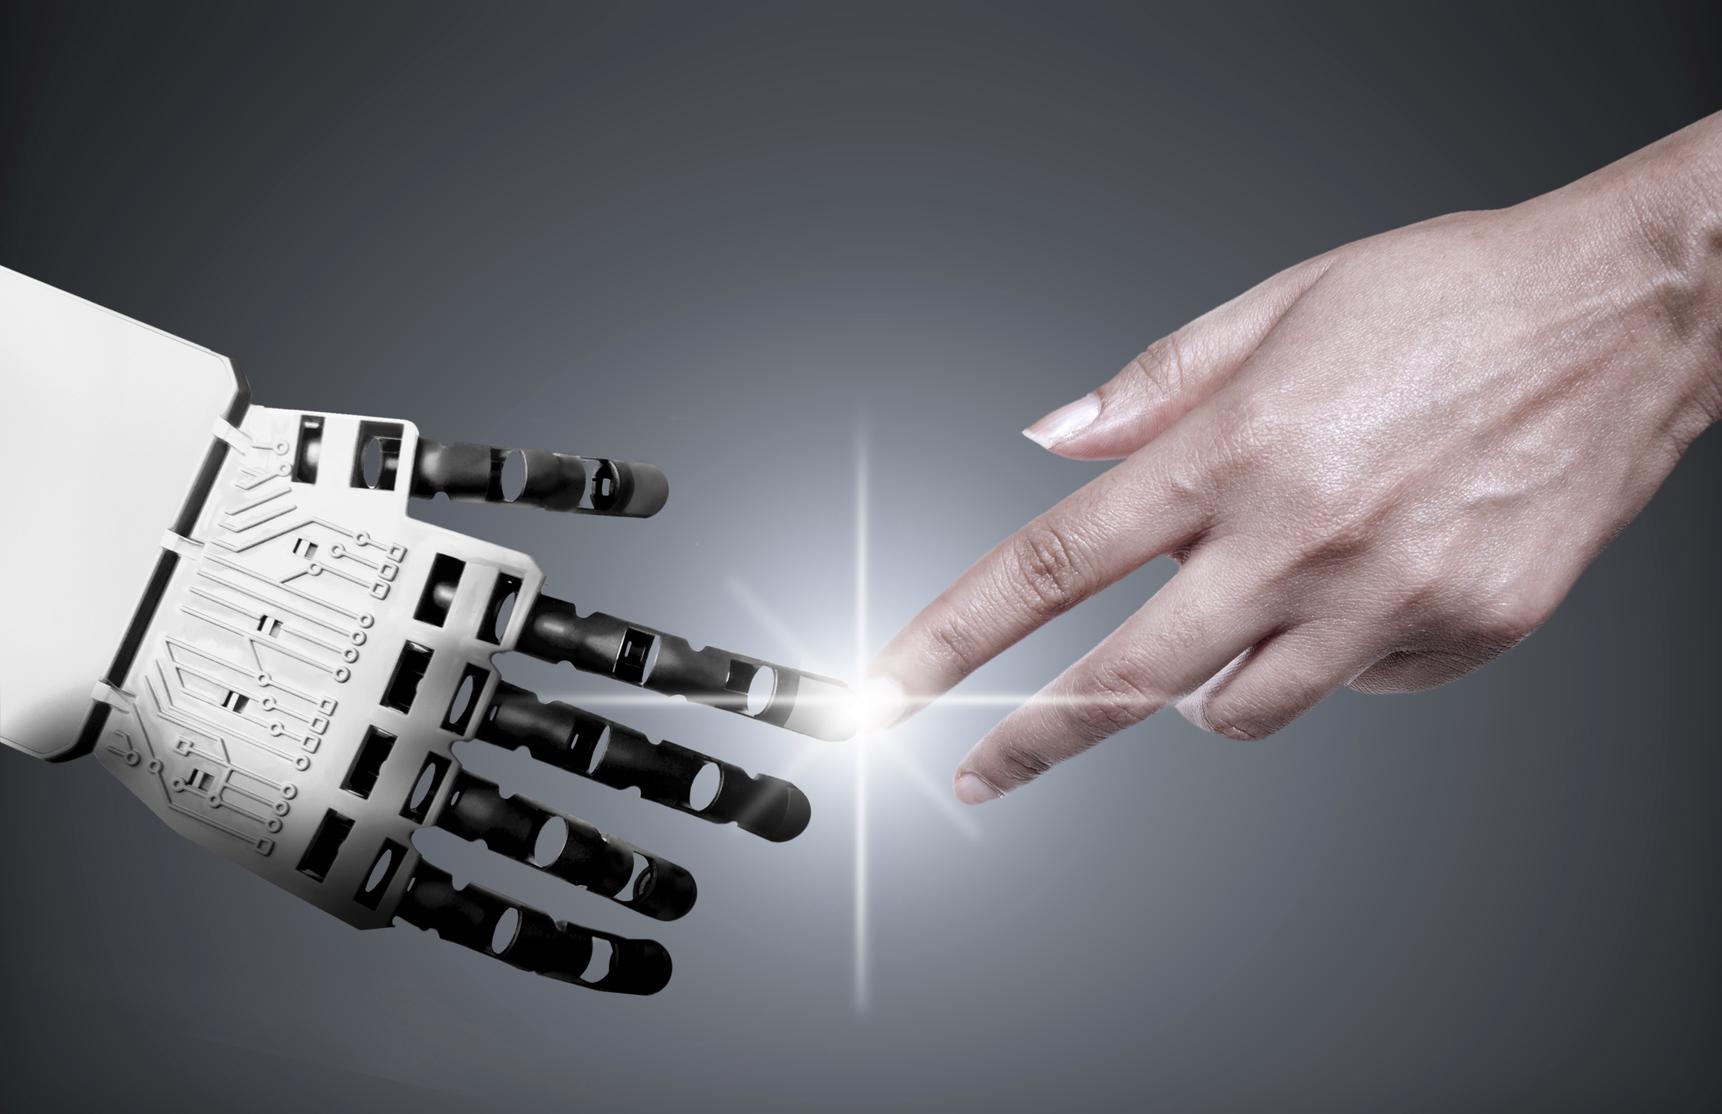 Case Study: Domo Arigato, Mr. Roboto (Robotics Manufacturers)